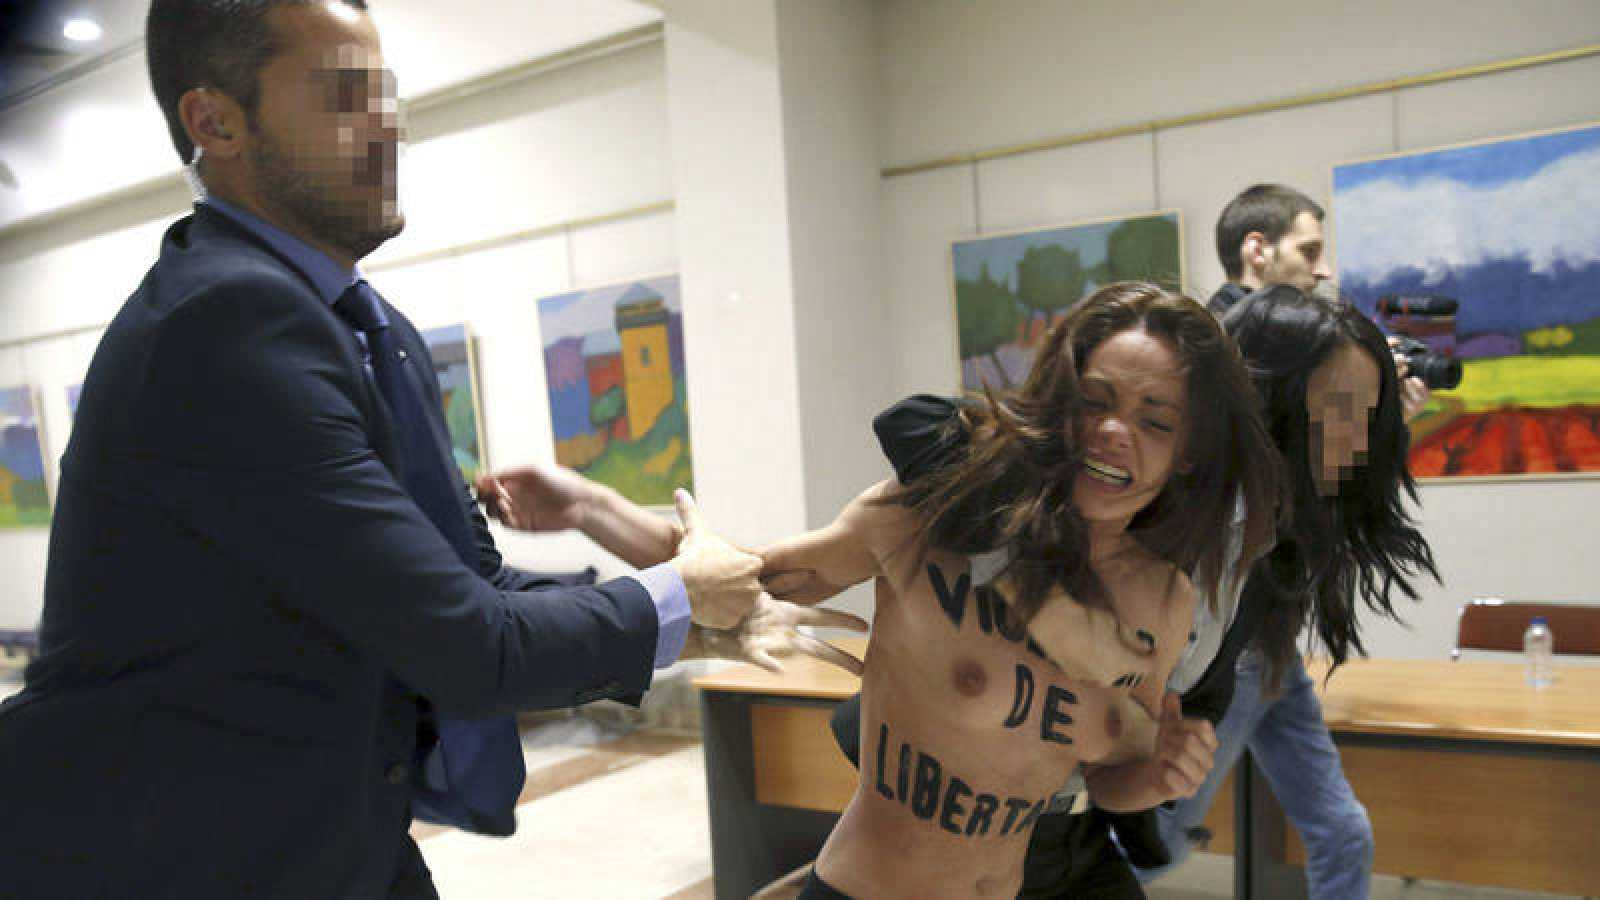 Imagen de archivo del acto en el que la activista de Femen fue detenida por la policía